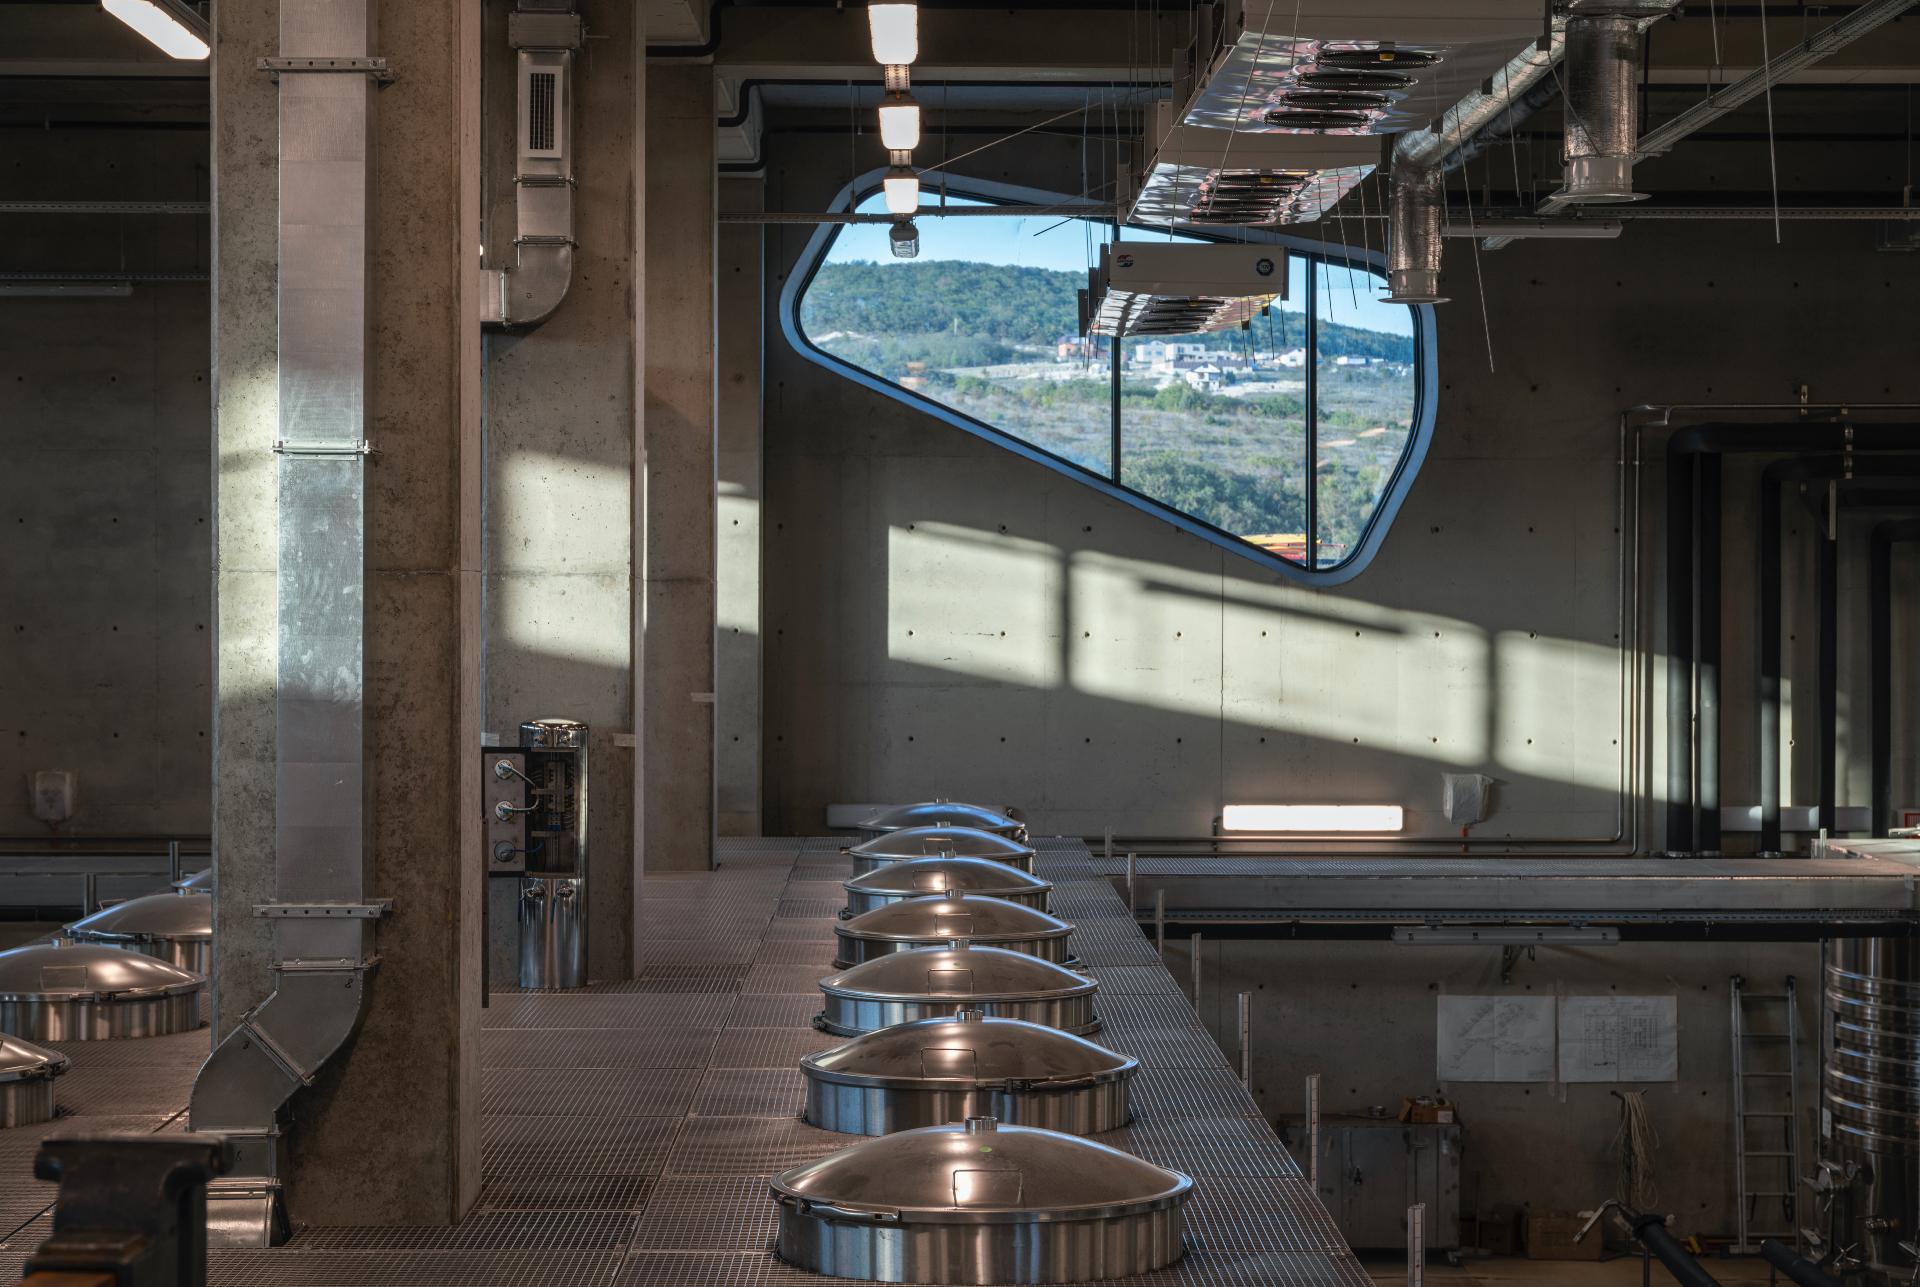 Производственное помещение с оборудованием для гравитационного виноделия.